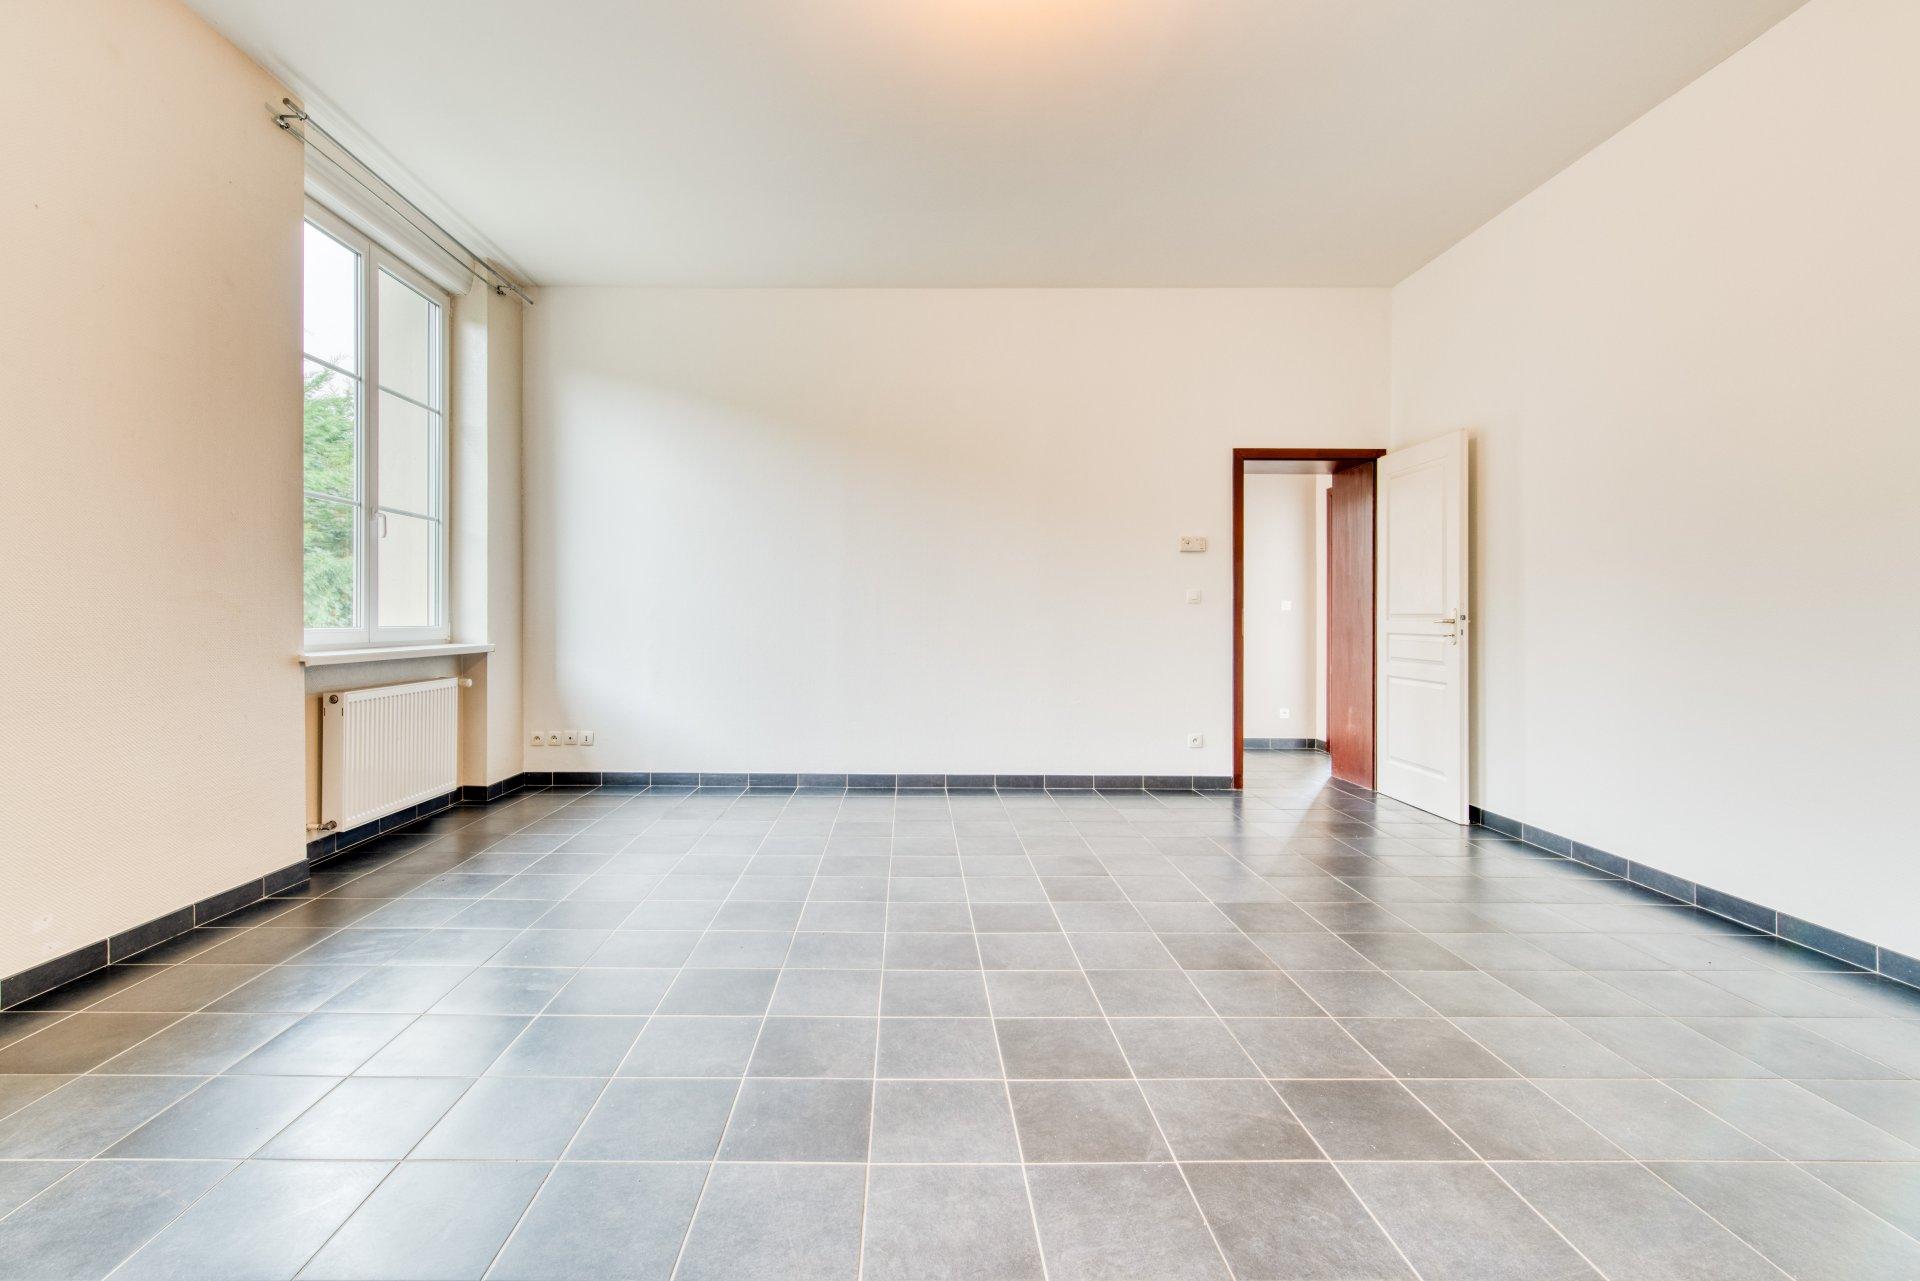 Verkauf Wohnung - Audun-le-Tiche